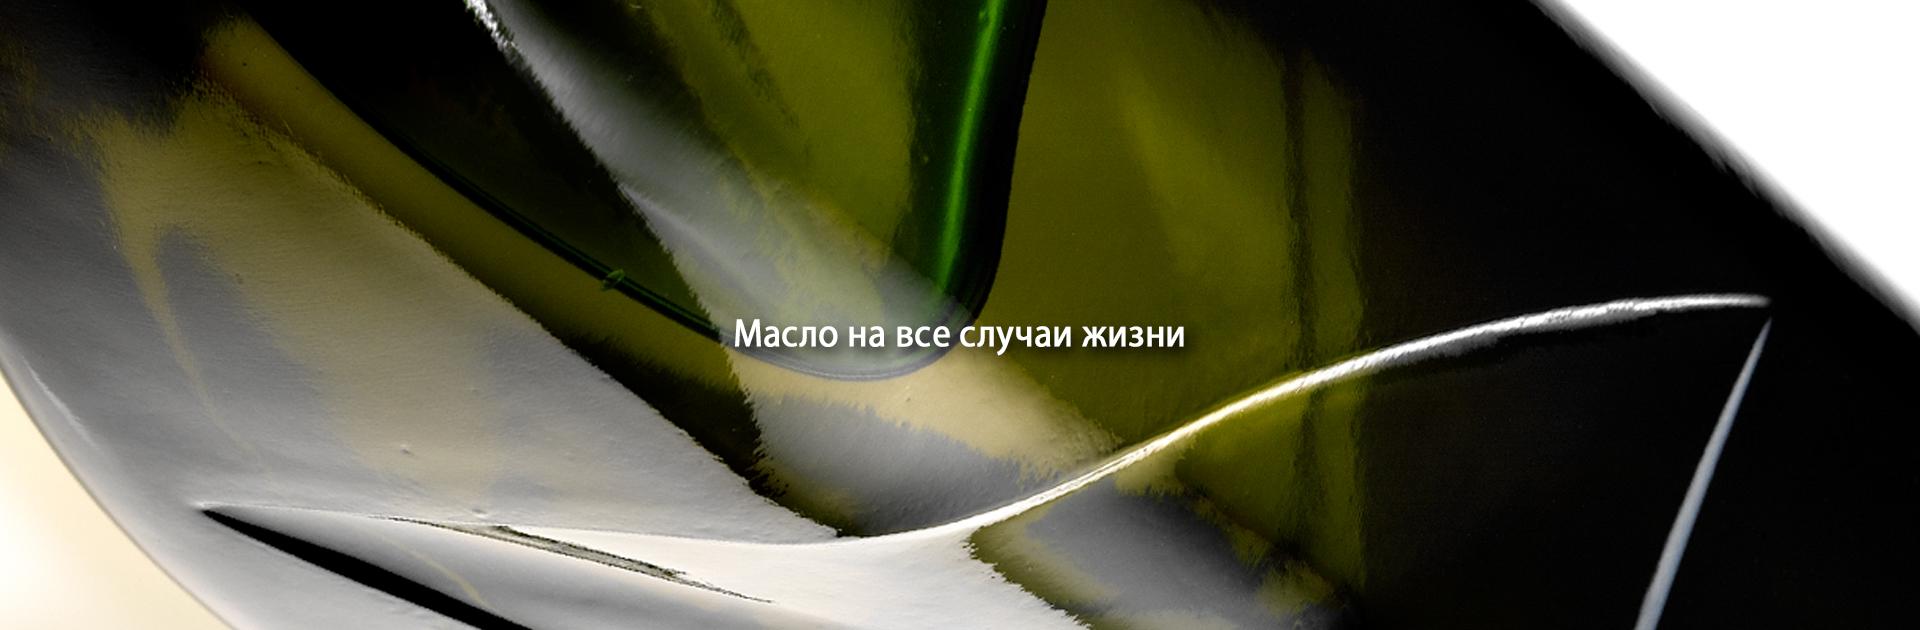 banner_inicio_ruso_1920x630px